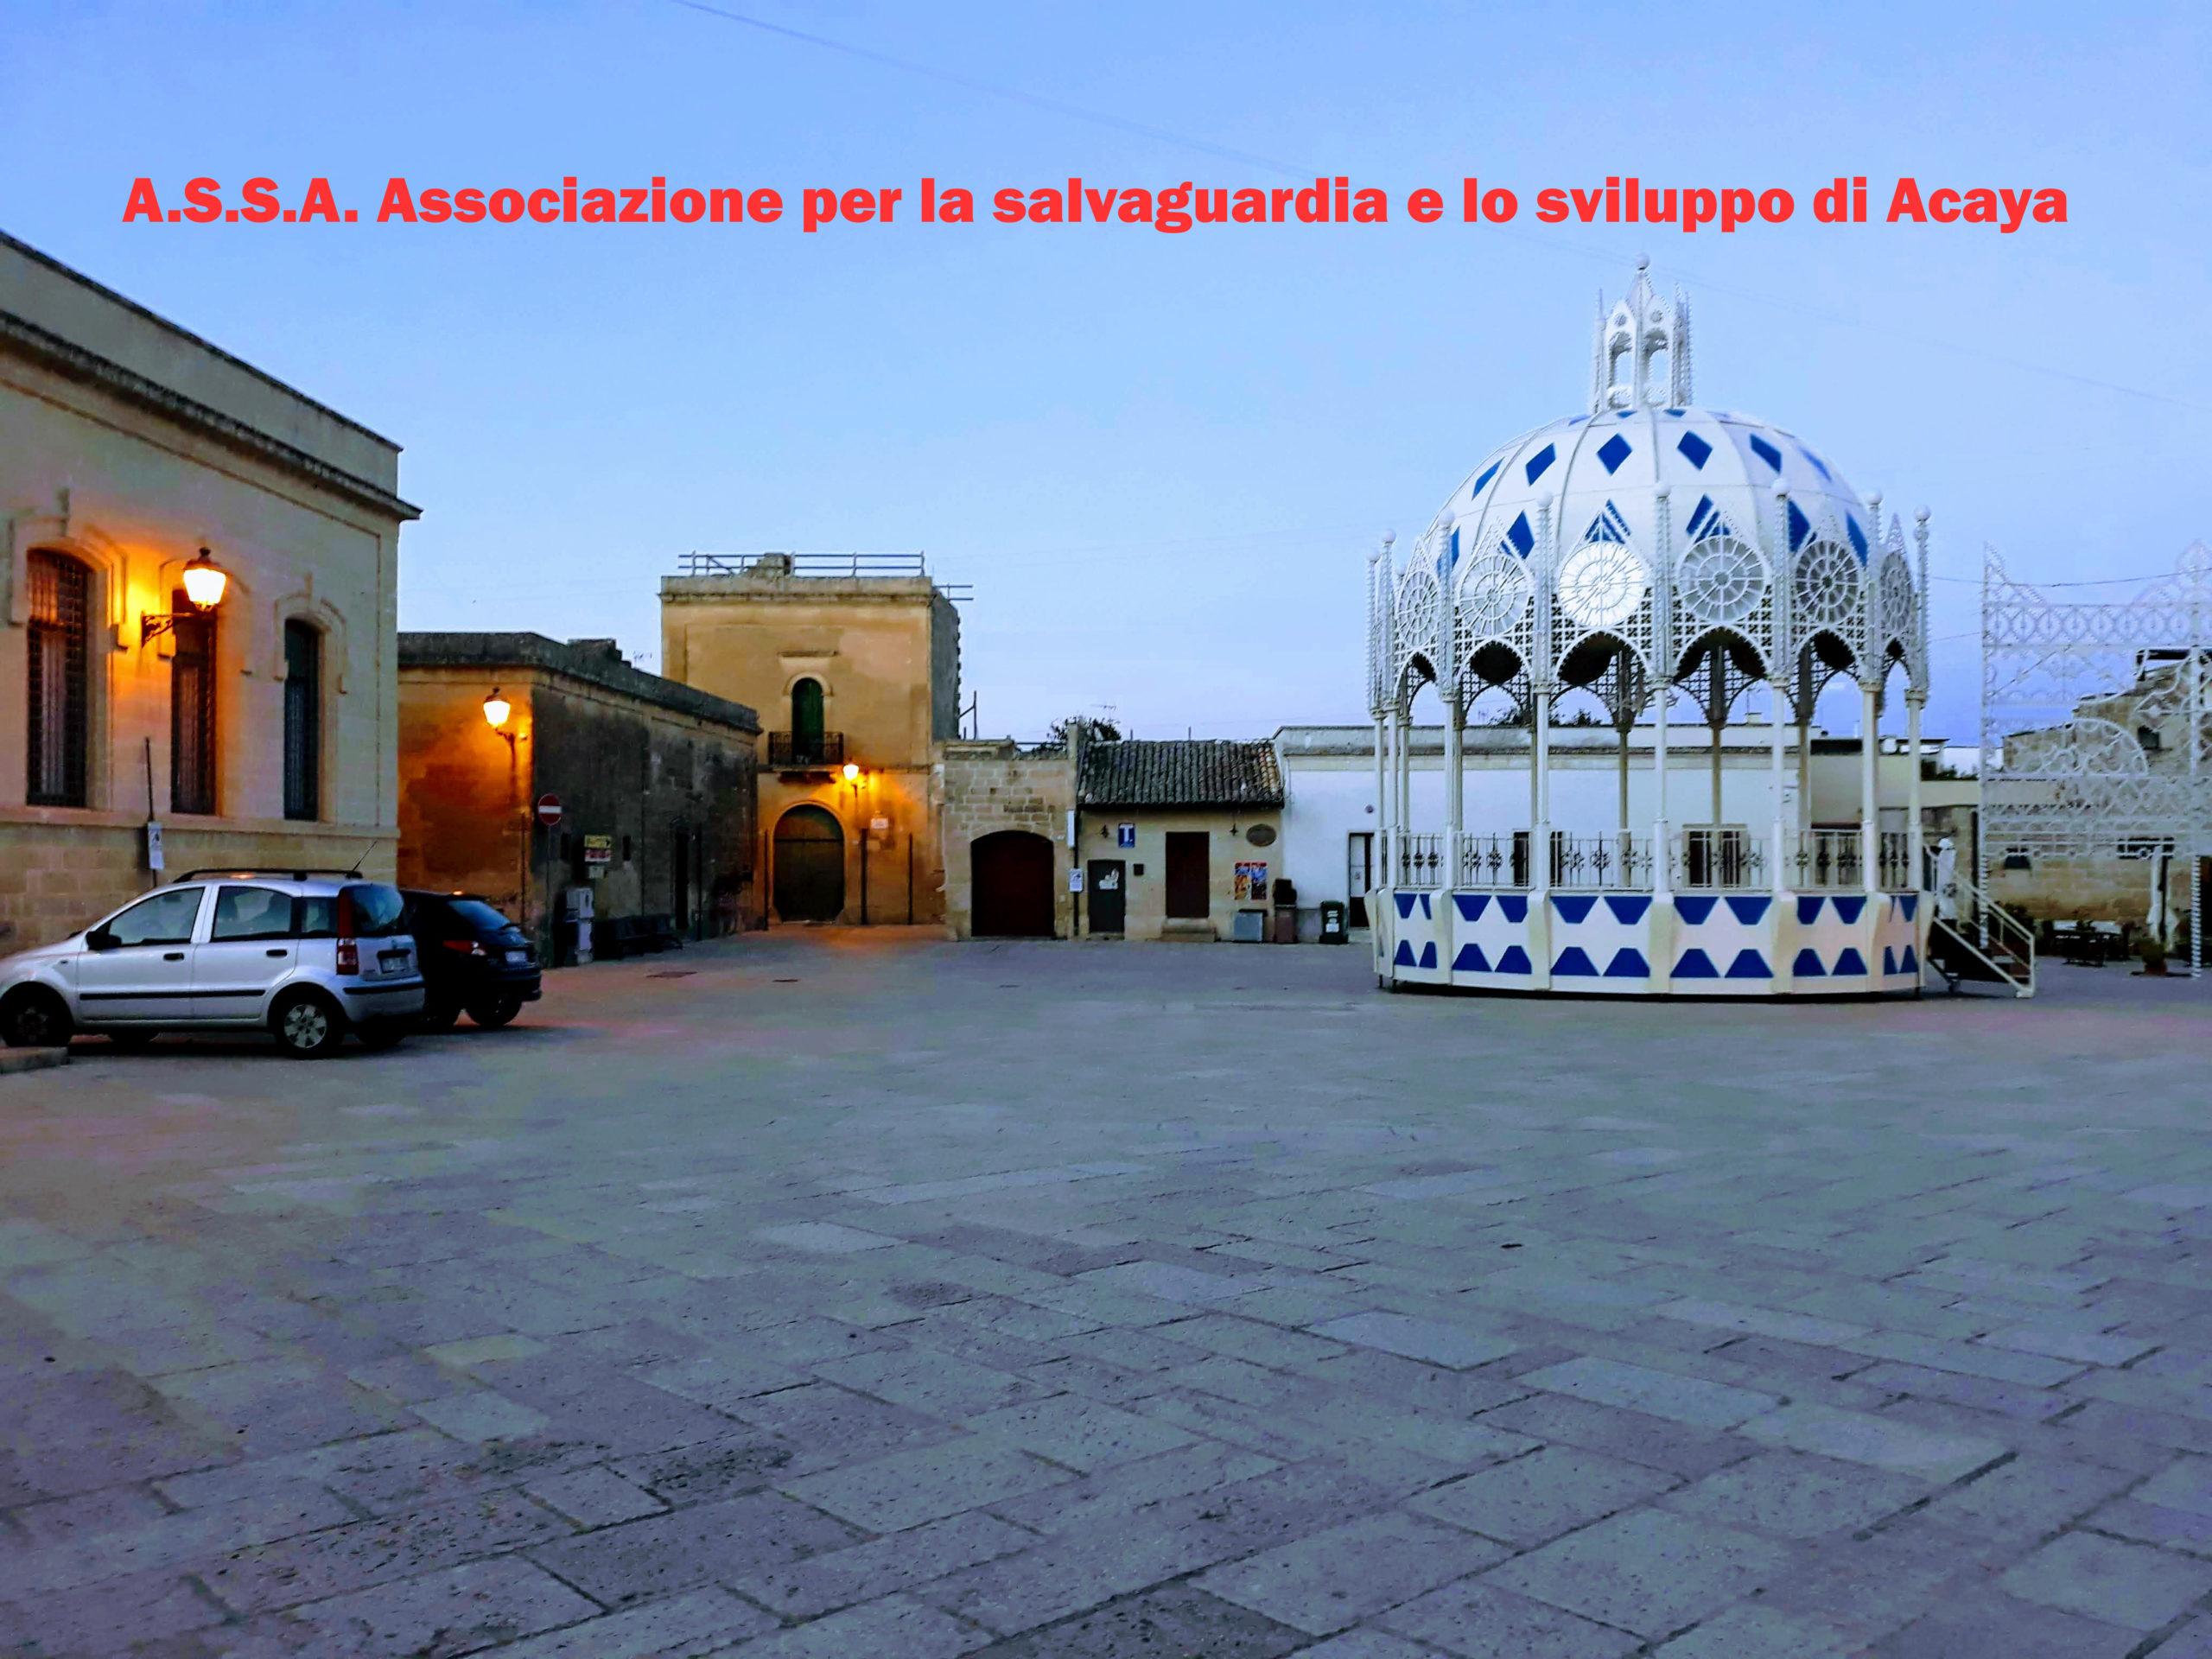 Il nuovo sito di A.S.S.A. Associazione per lo sviluppo e la salvaguardia di Acaya